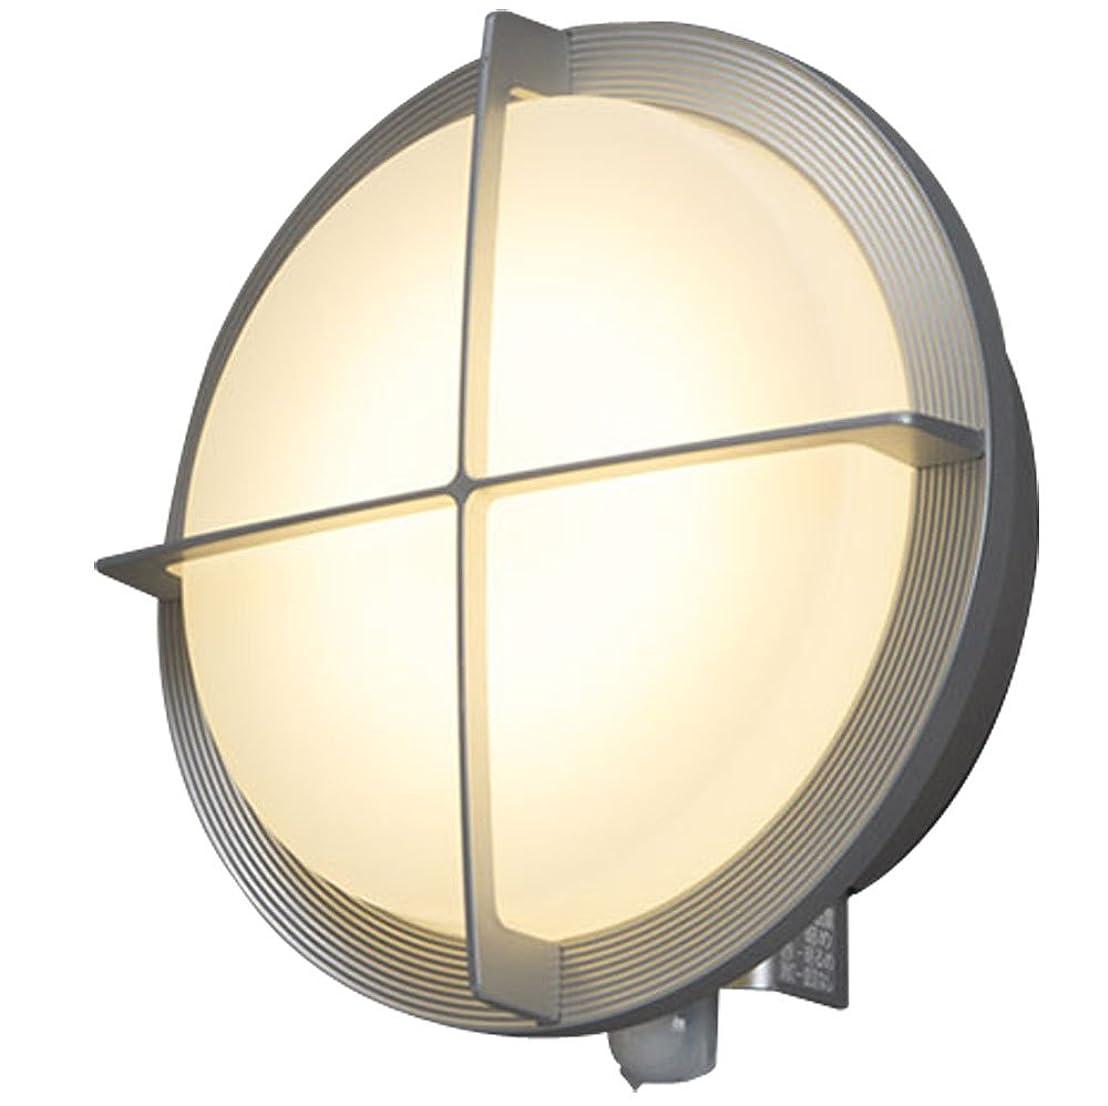 ベルトただ削除するアイリスオーヤマ LEDポーチ灯 人感センサー付き シルバー 電気工事必要 IRBR5N-CIGRS-MSBS-P